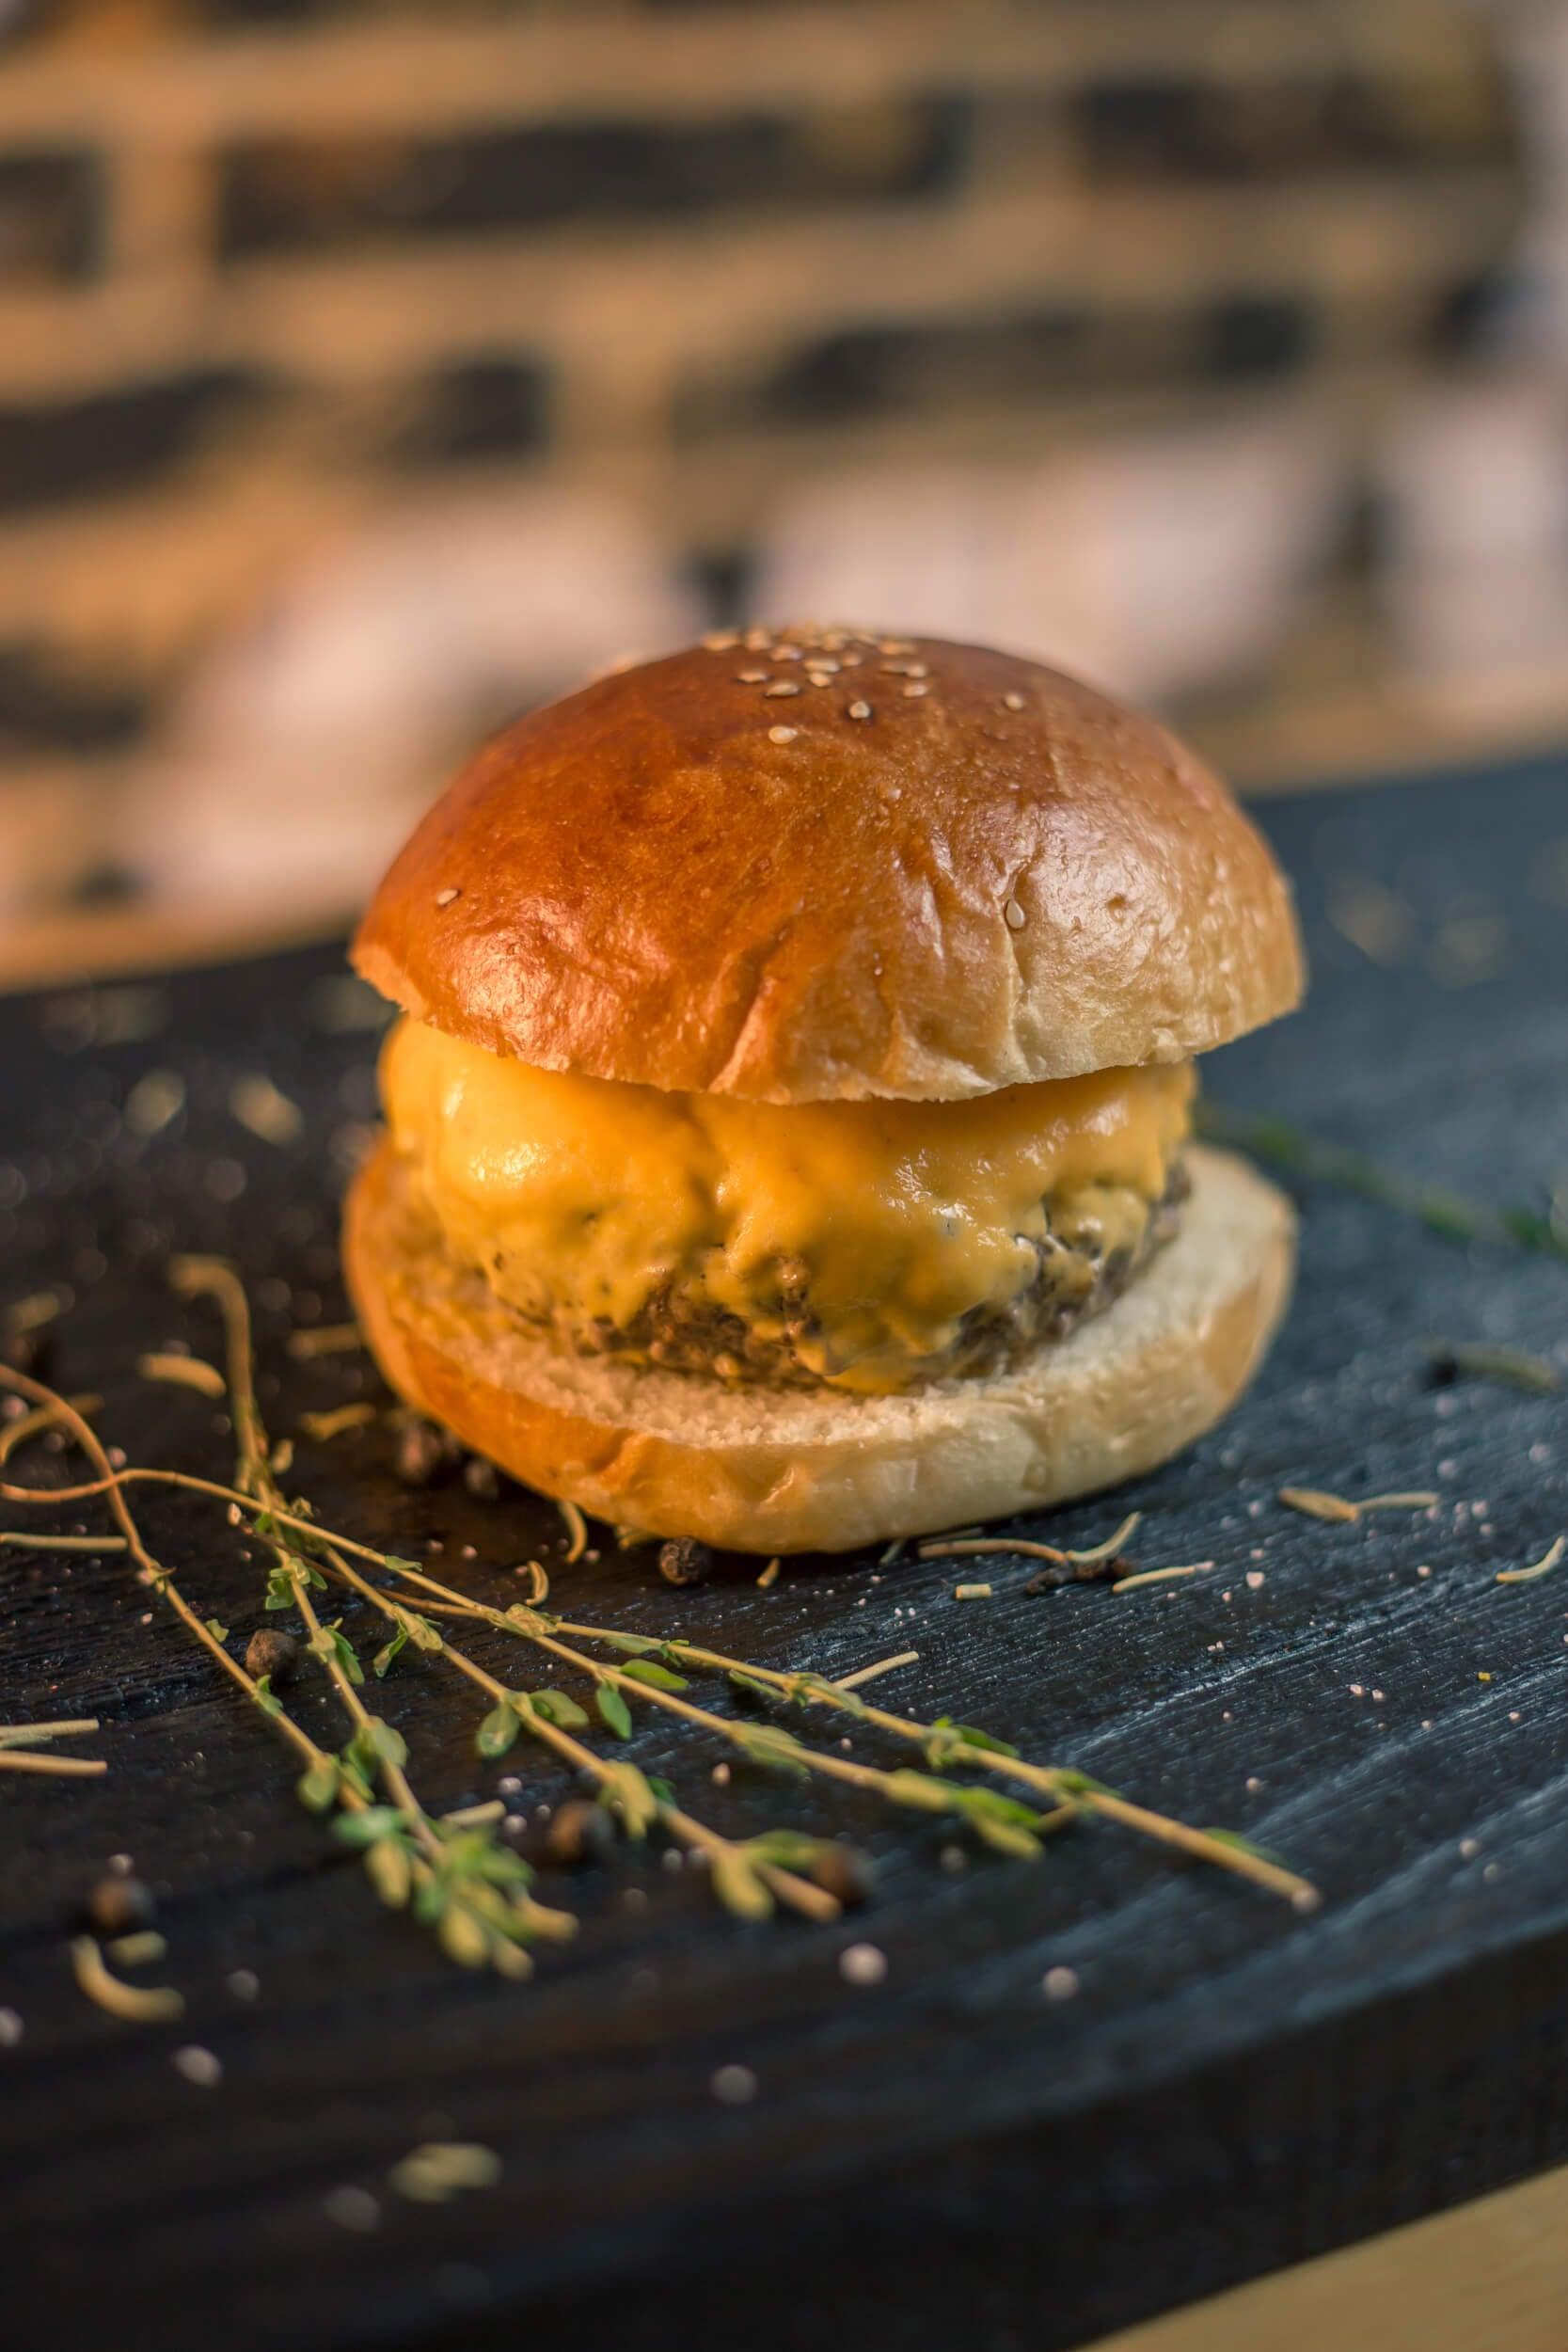 Burger Premiado + Barato! 1 Cheeseburger, Kentucky, Smash Pork ou Burger de Falafel de R$24 por apenas R$15,90 no El Chancho